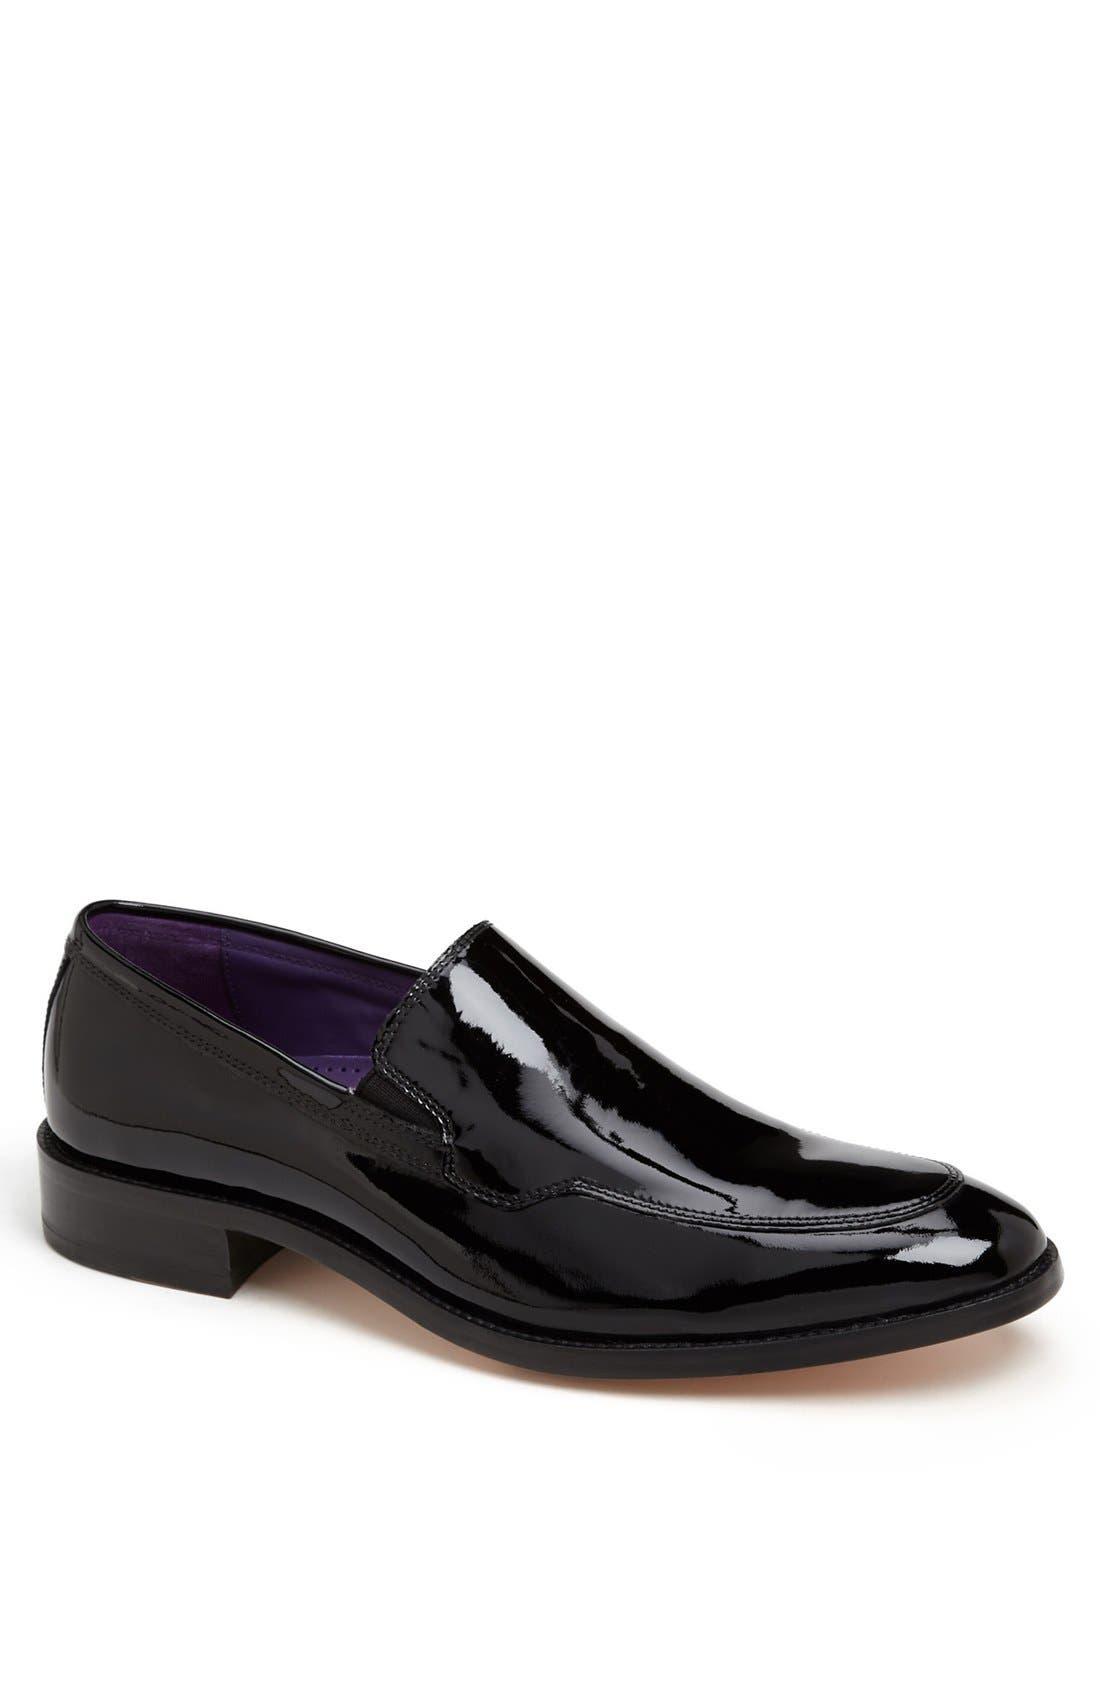 Main Image - Cole Haan 'Lenox Hill' Formal Loafer   (Men)